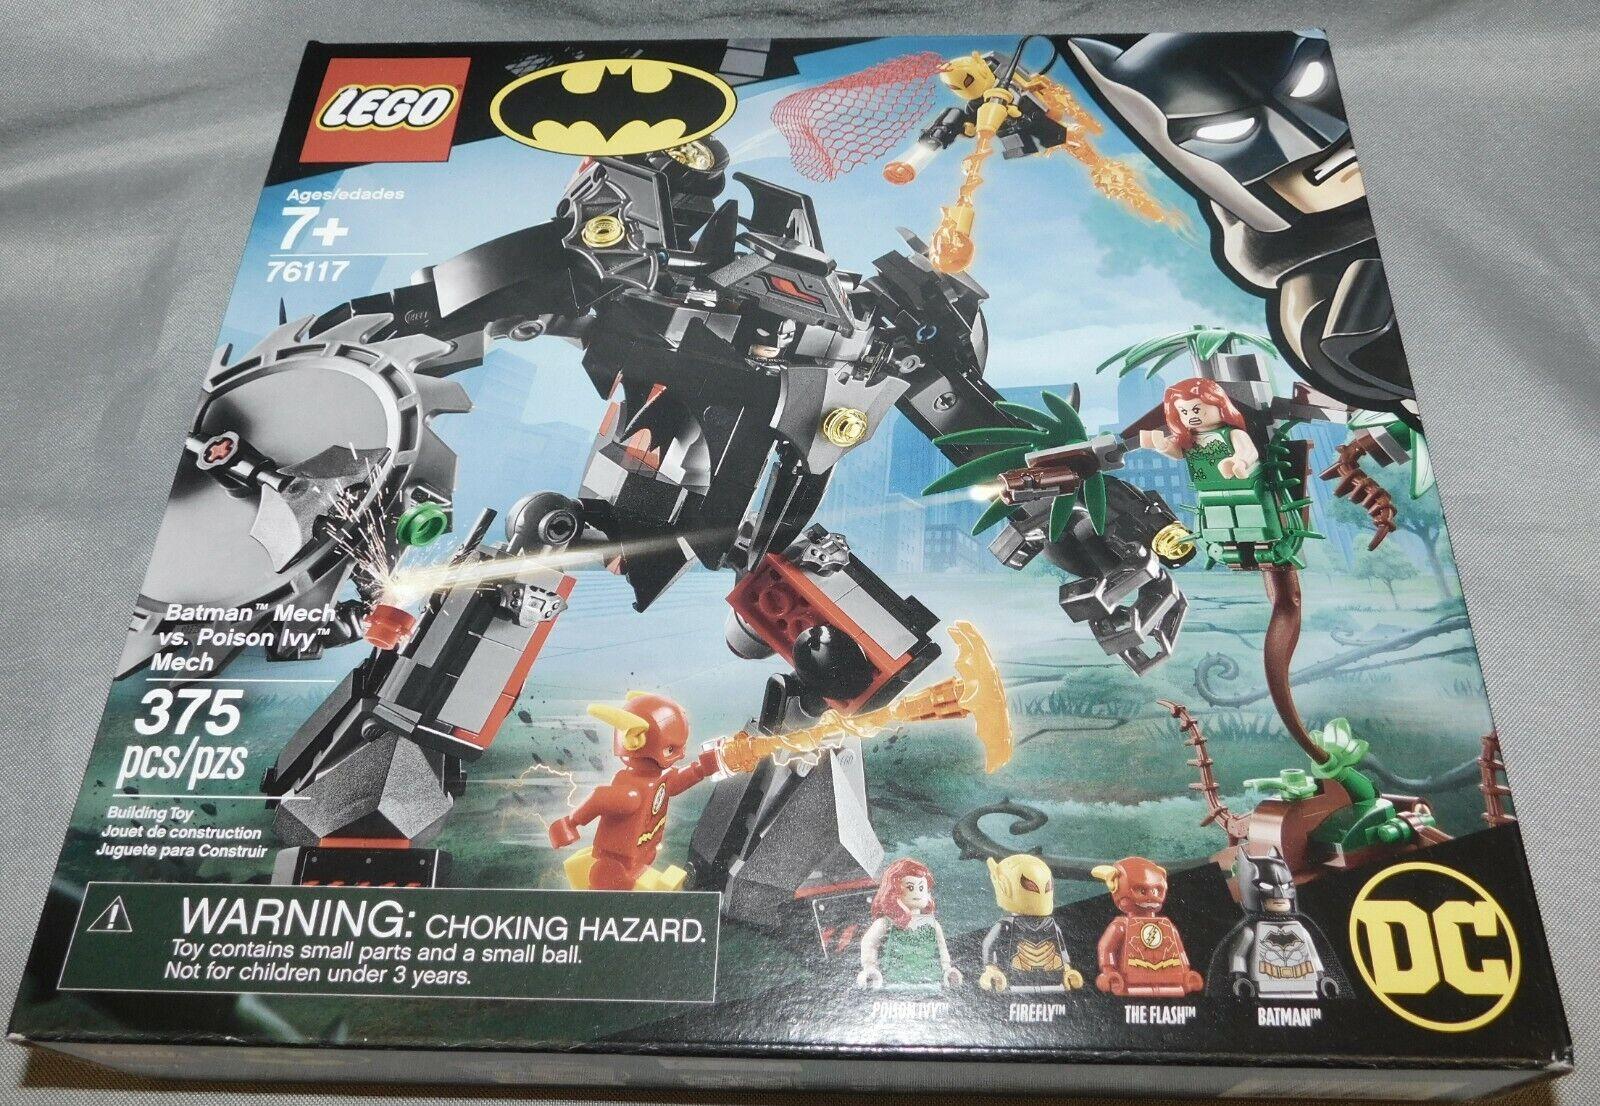 Poison Ivy Mech 76117 38525891 DC Super Hereos Batman Mech vs